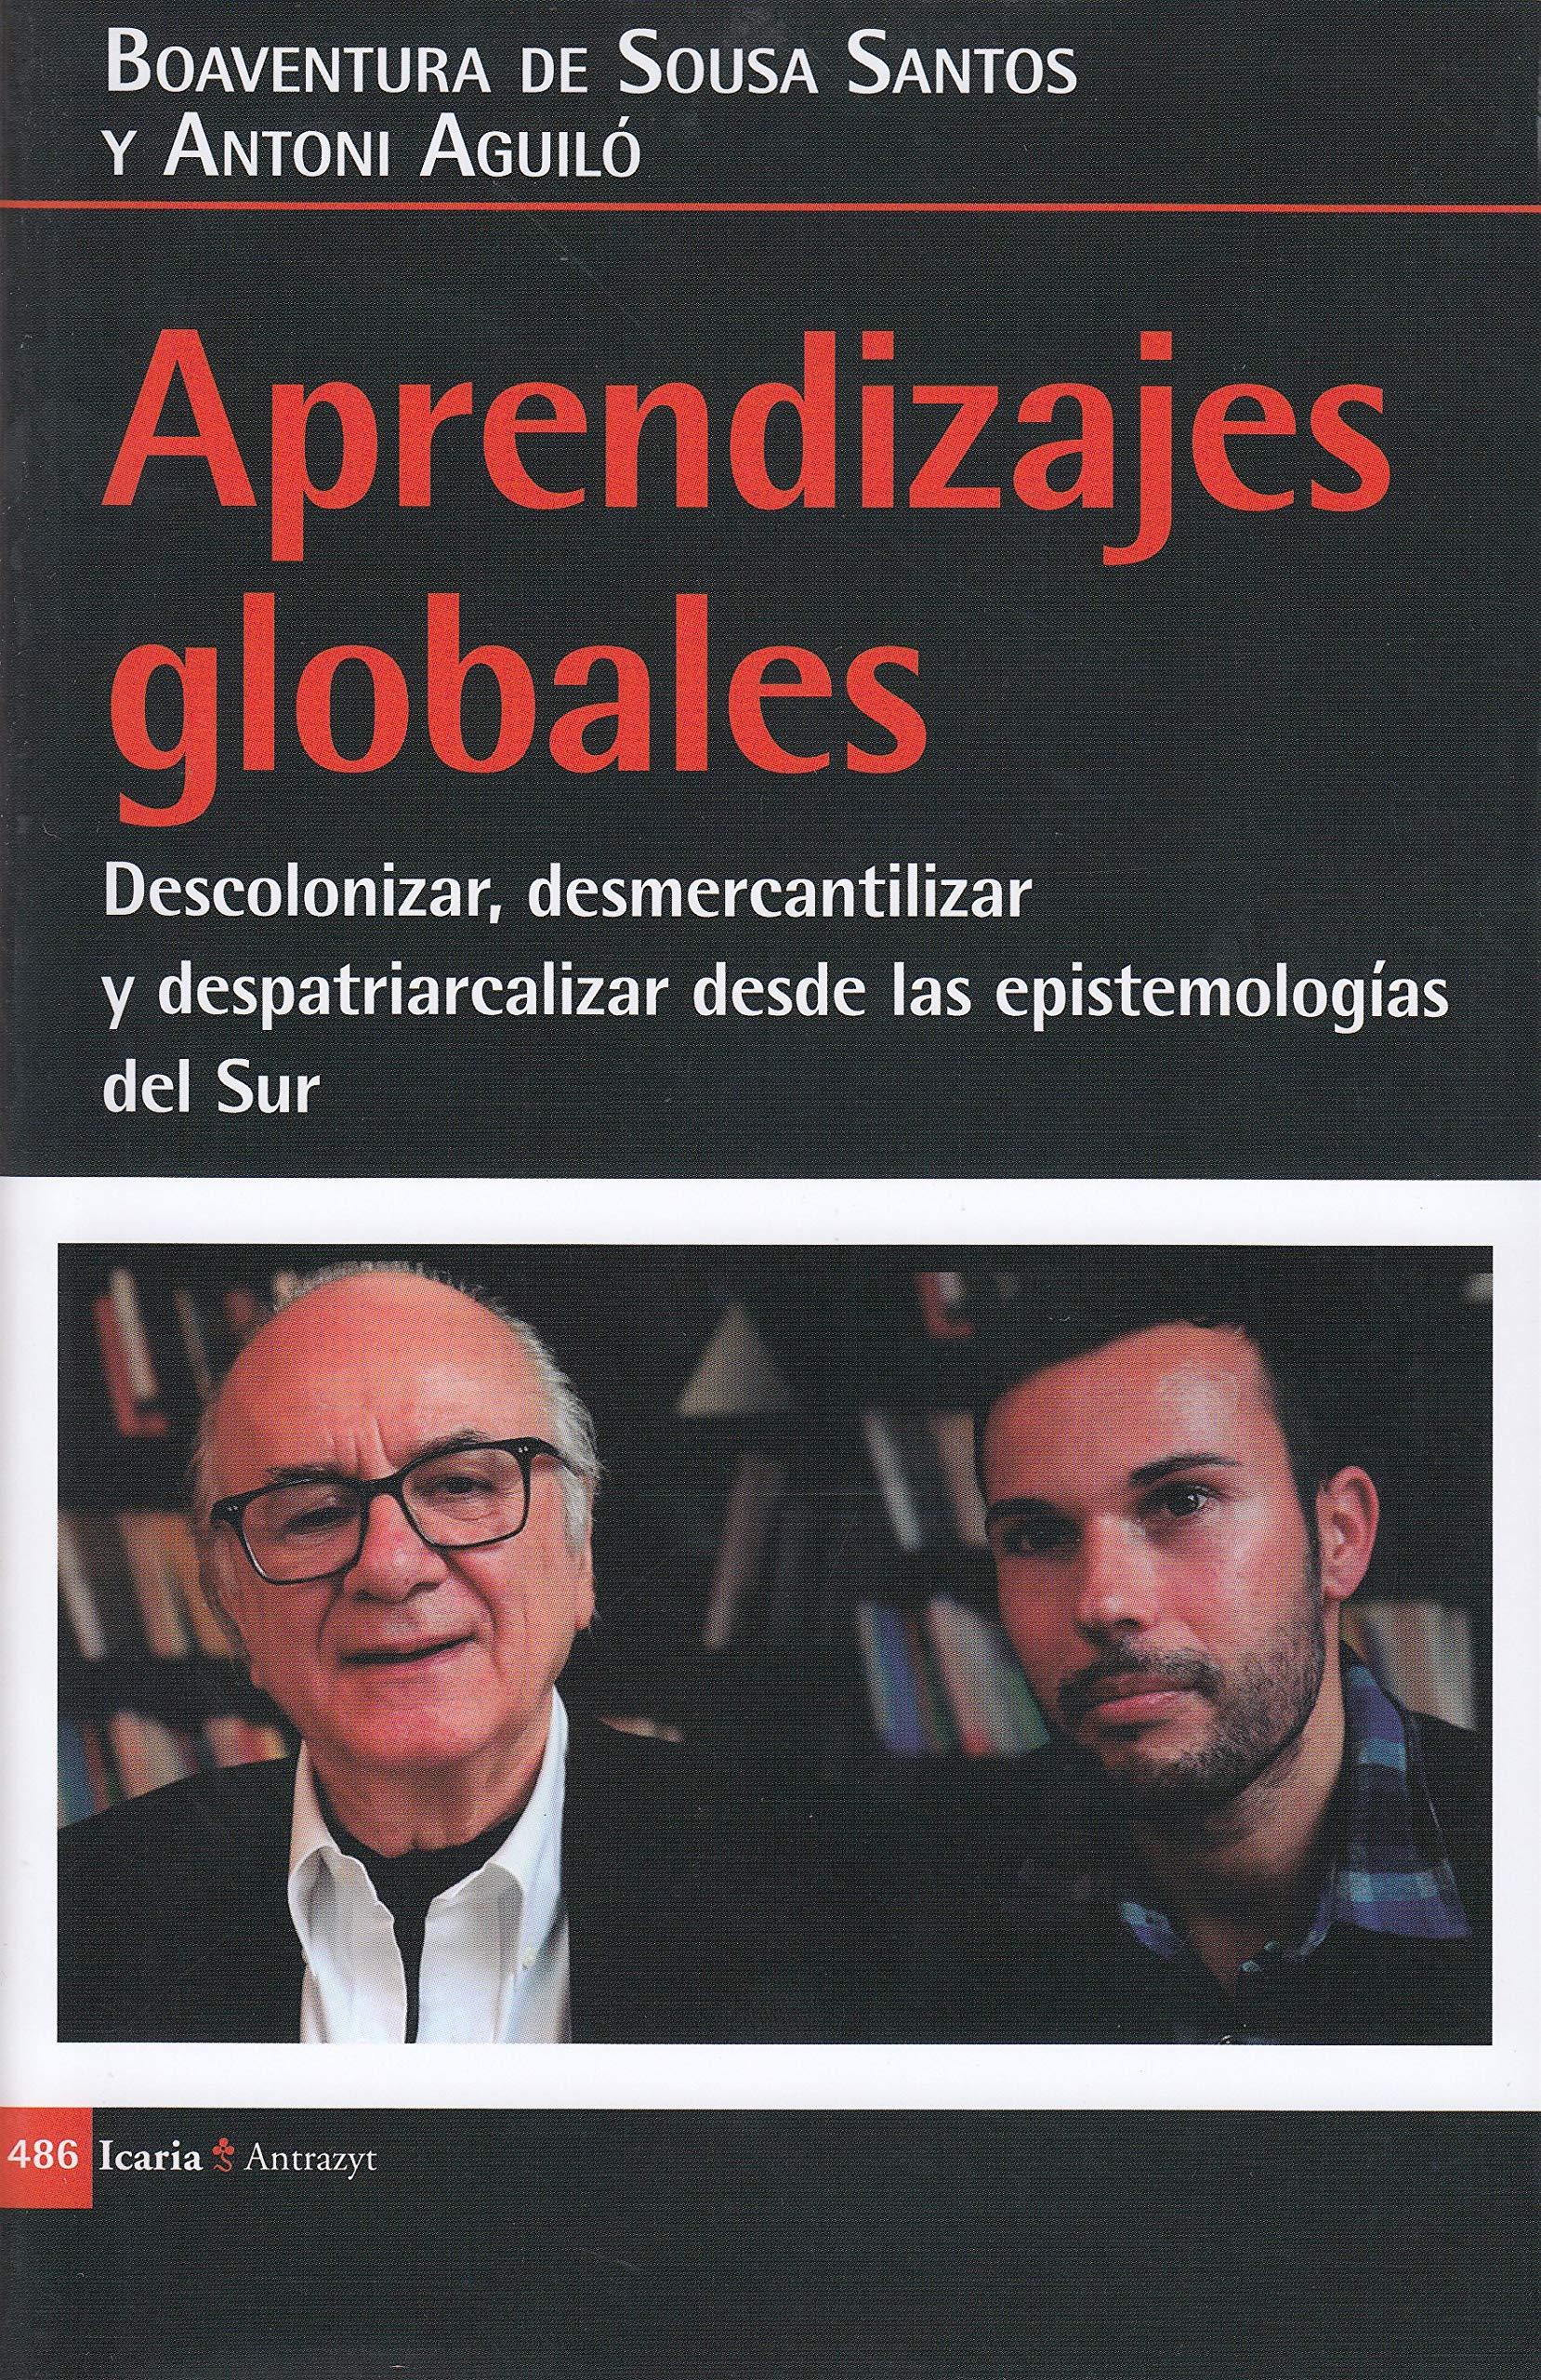 Aprendizajes globales: Descolonizar, desmercantilizar y despatriarcalizar desde las epistemologias del Sur (Antrazyt)